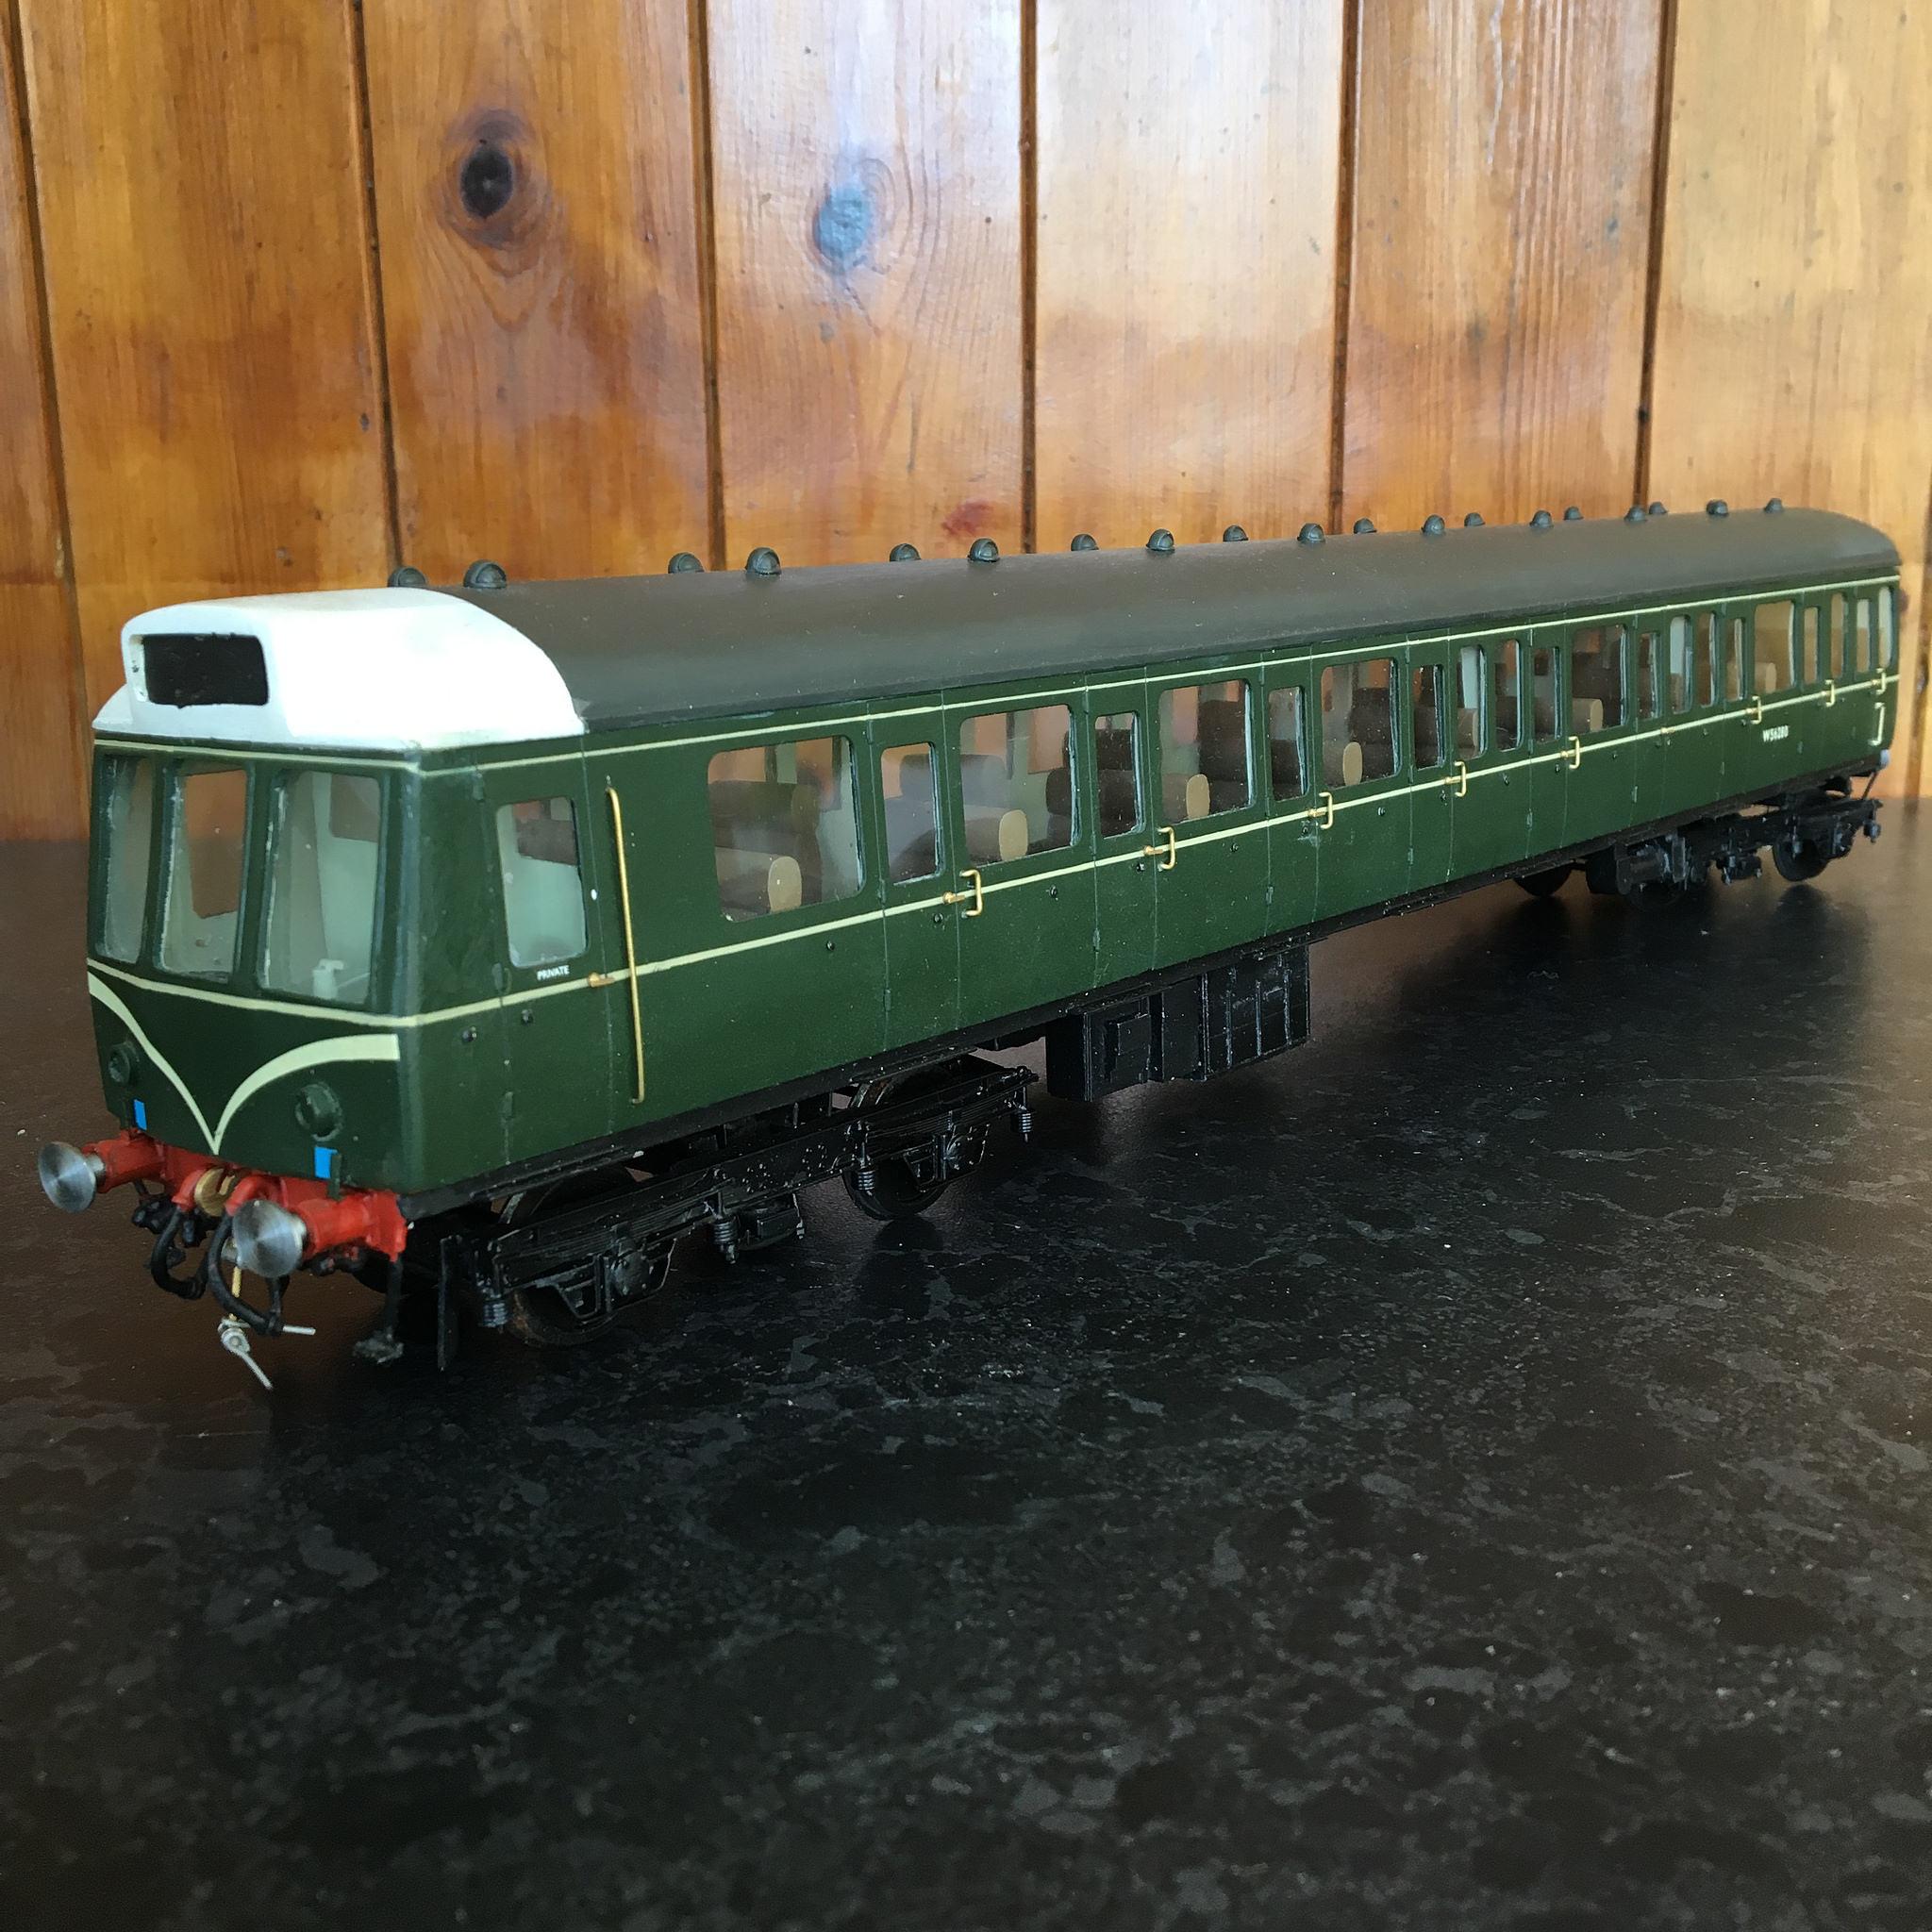 Class 121 DMU trailer coach